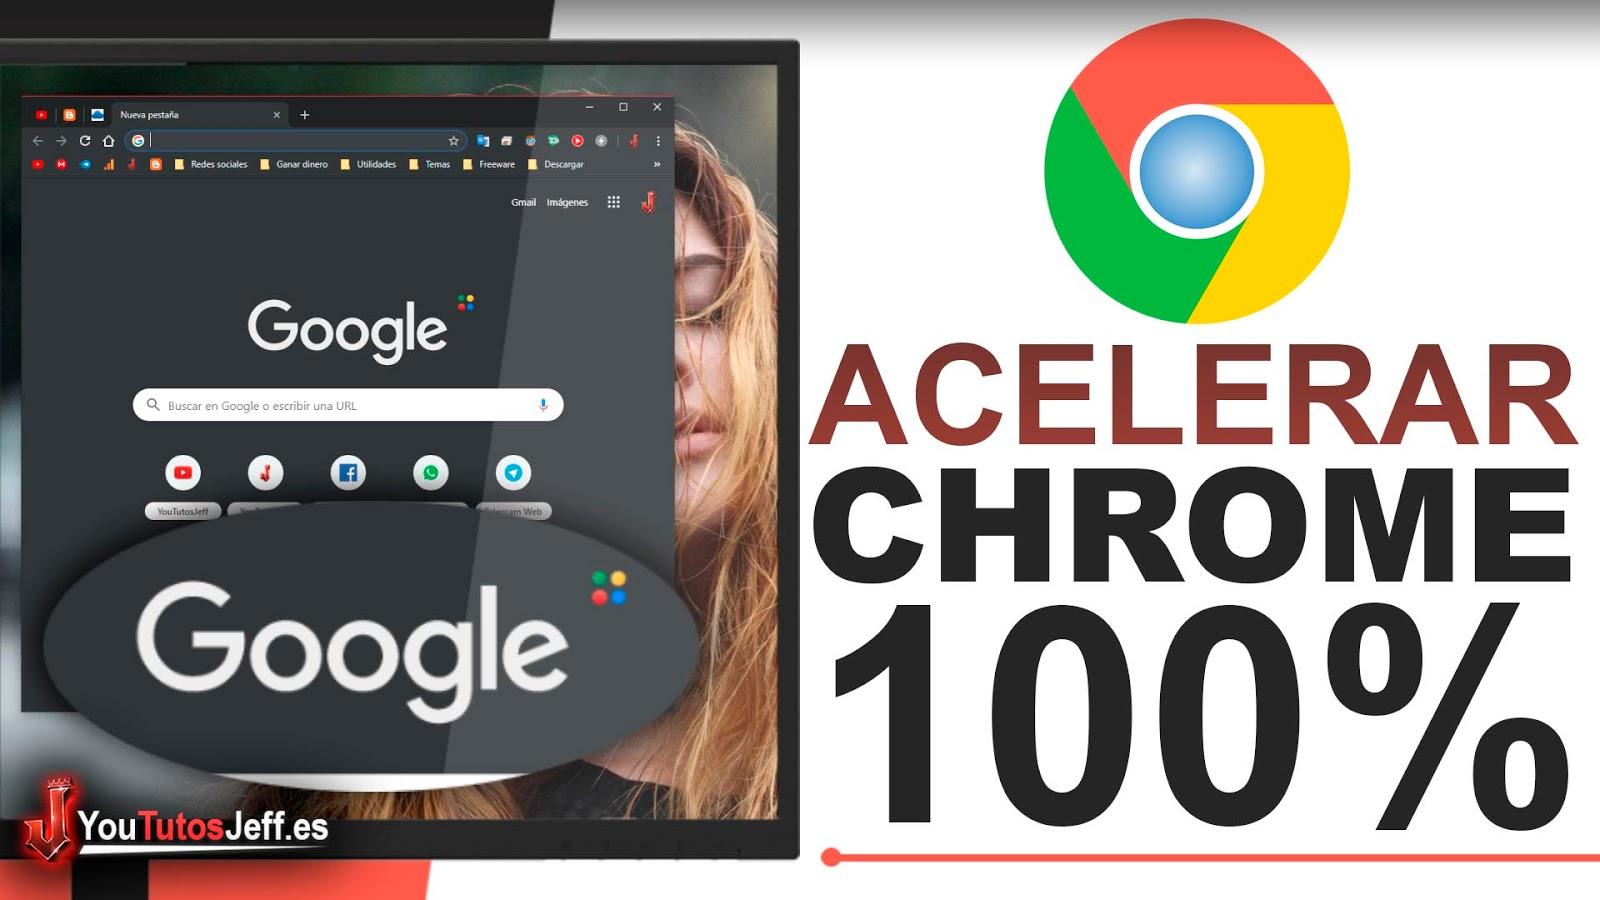 Acelerar Google Chrome al 100% de Forma Impactante